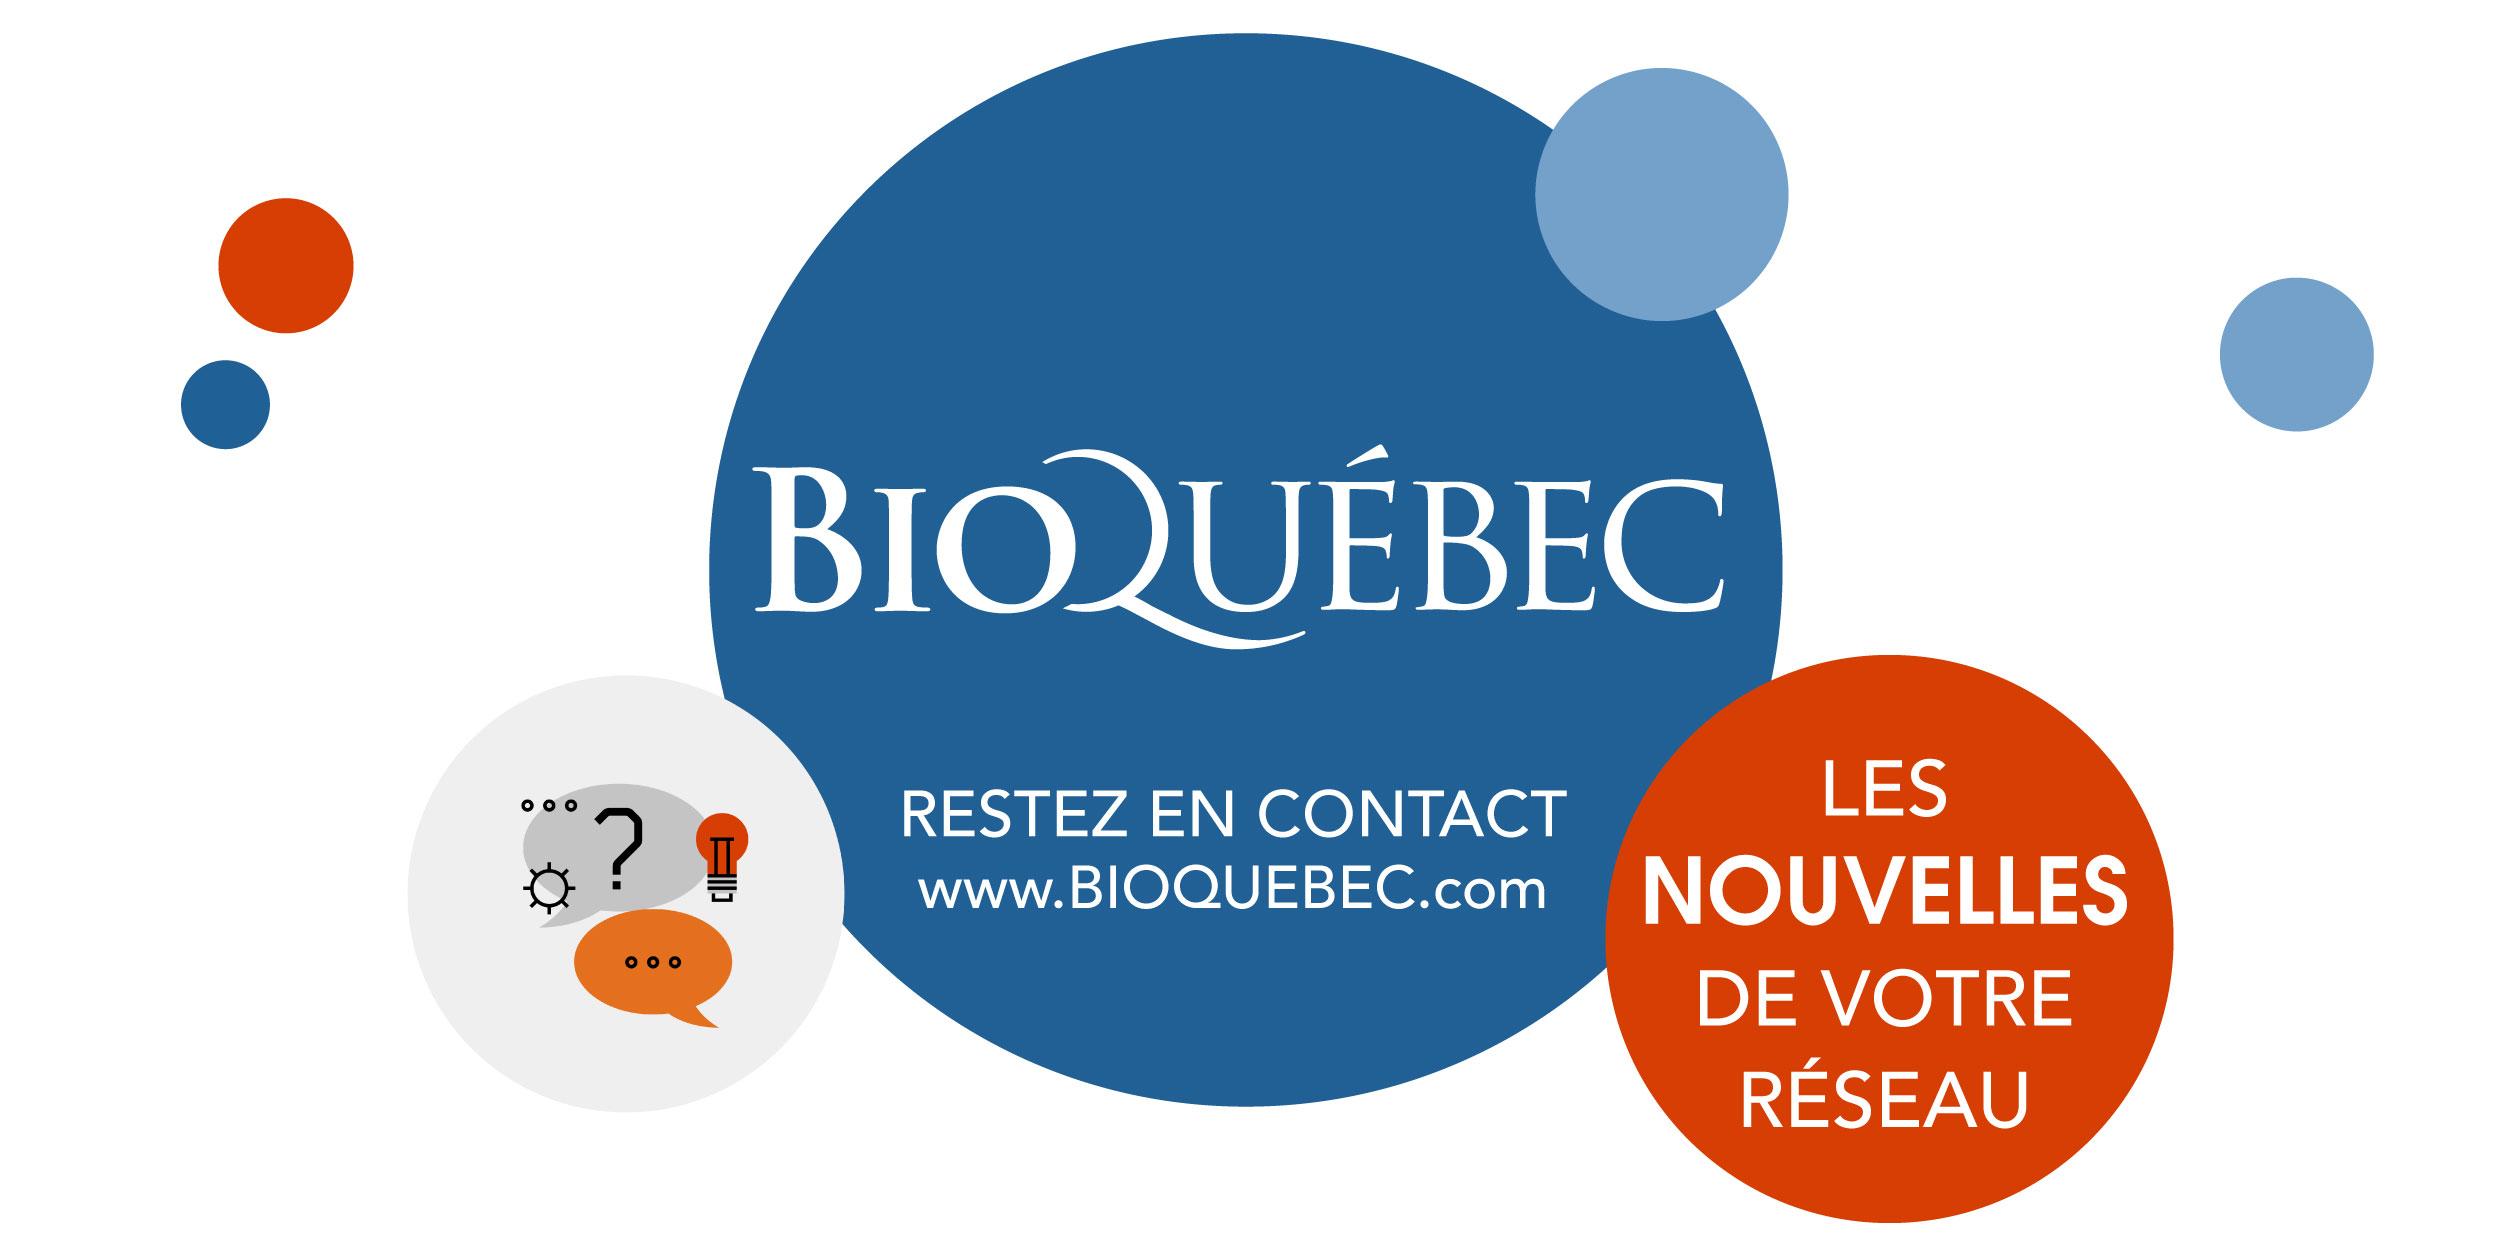 BIOQC-web-141216-slideshow_Bioquebecfr.jpg